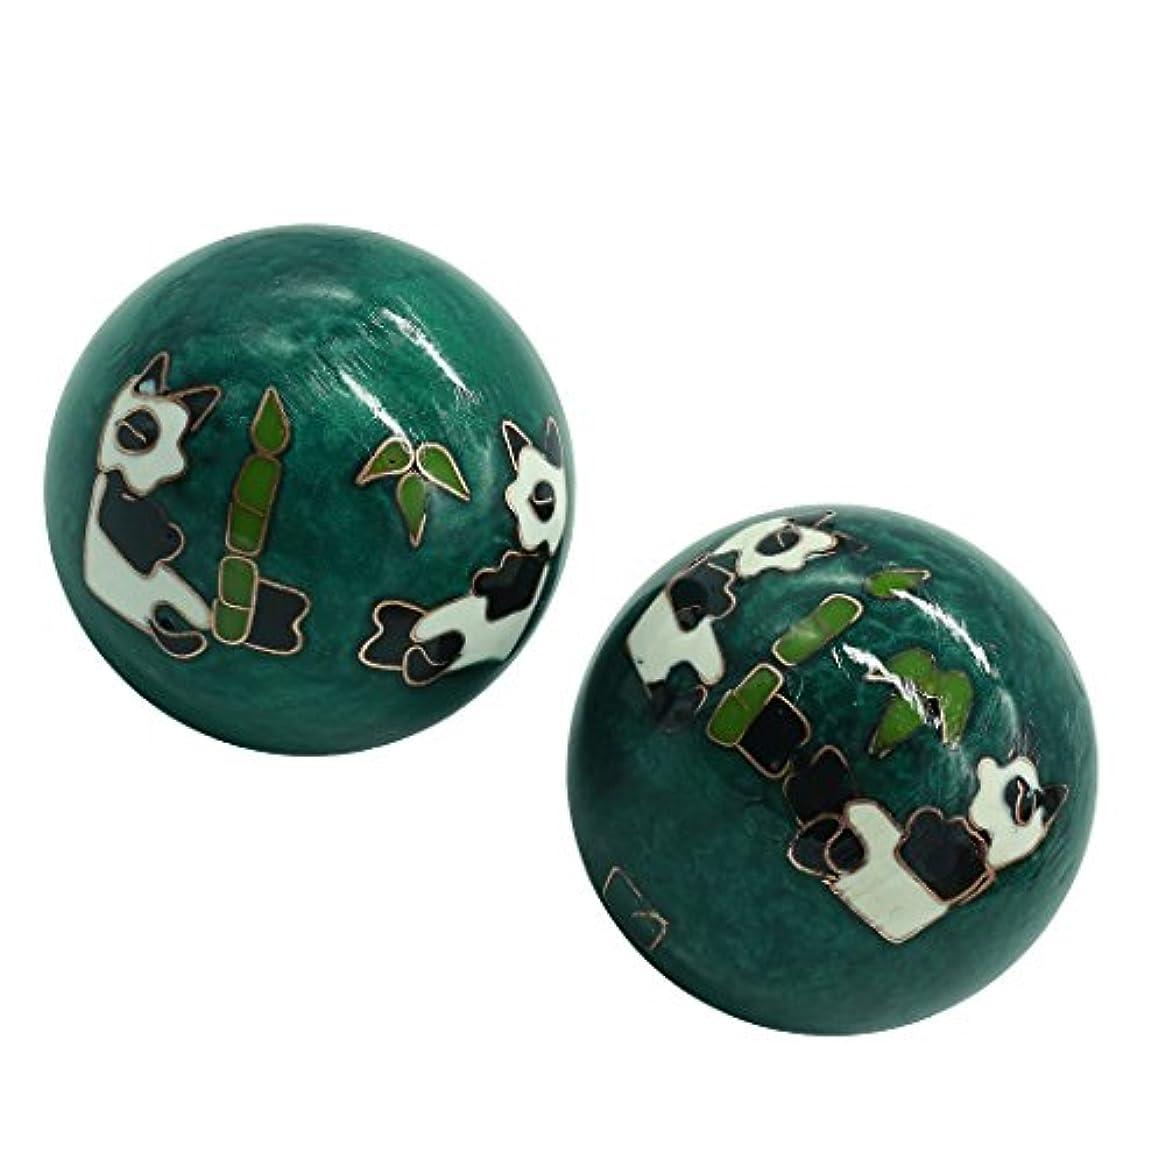 立場できれば収入風水グッズ 健康球 健身球 脳 活性 ストレス トレーニング器具 手の機能回復 2個 パンダ (グリーン, 35mm) INB168